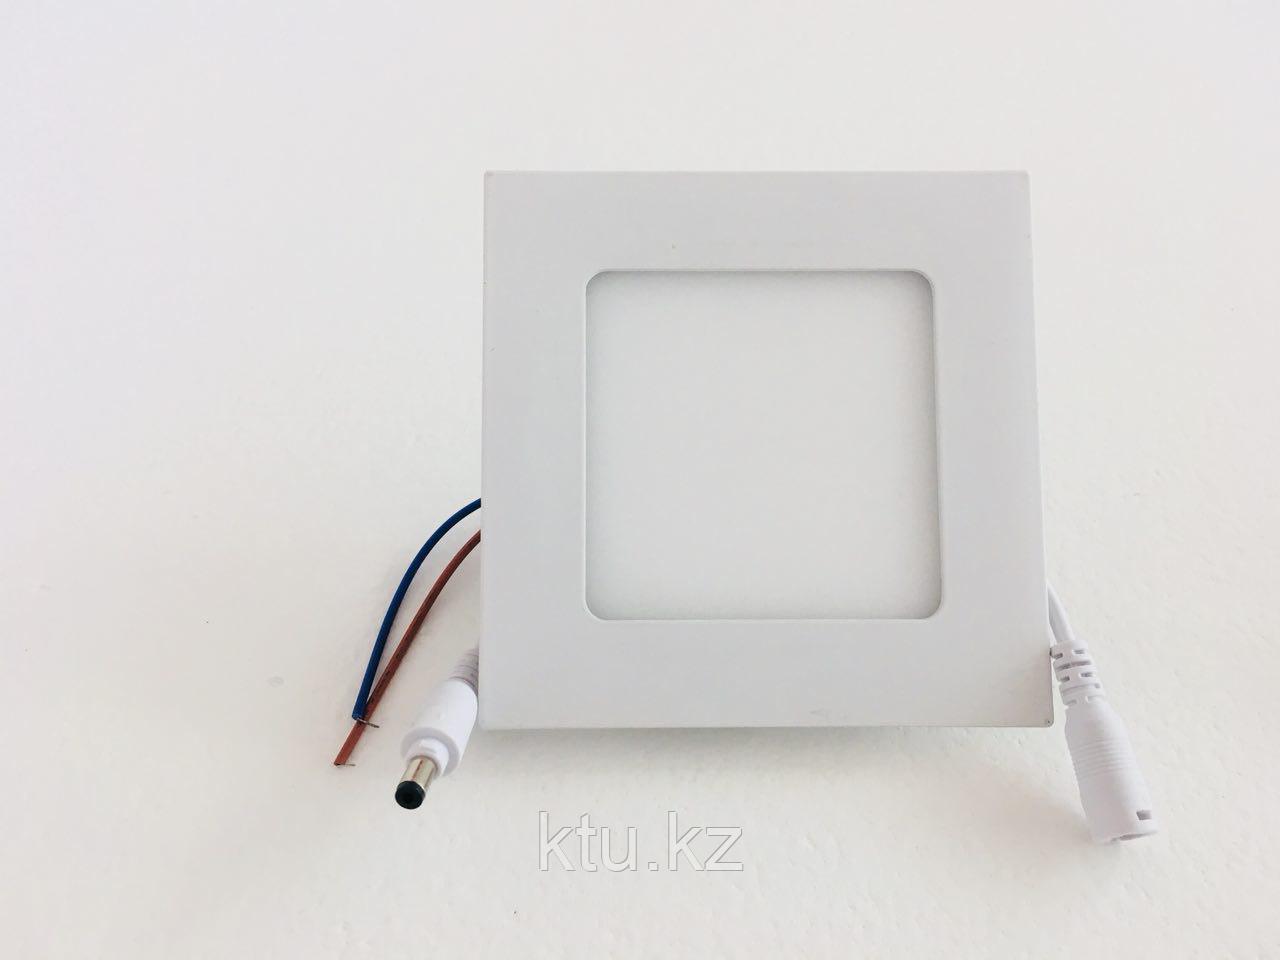 Светильники (споты) JL-Y 6W внутренний, 3год гарантия